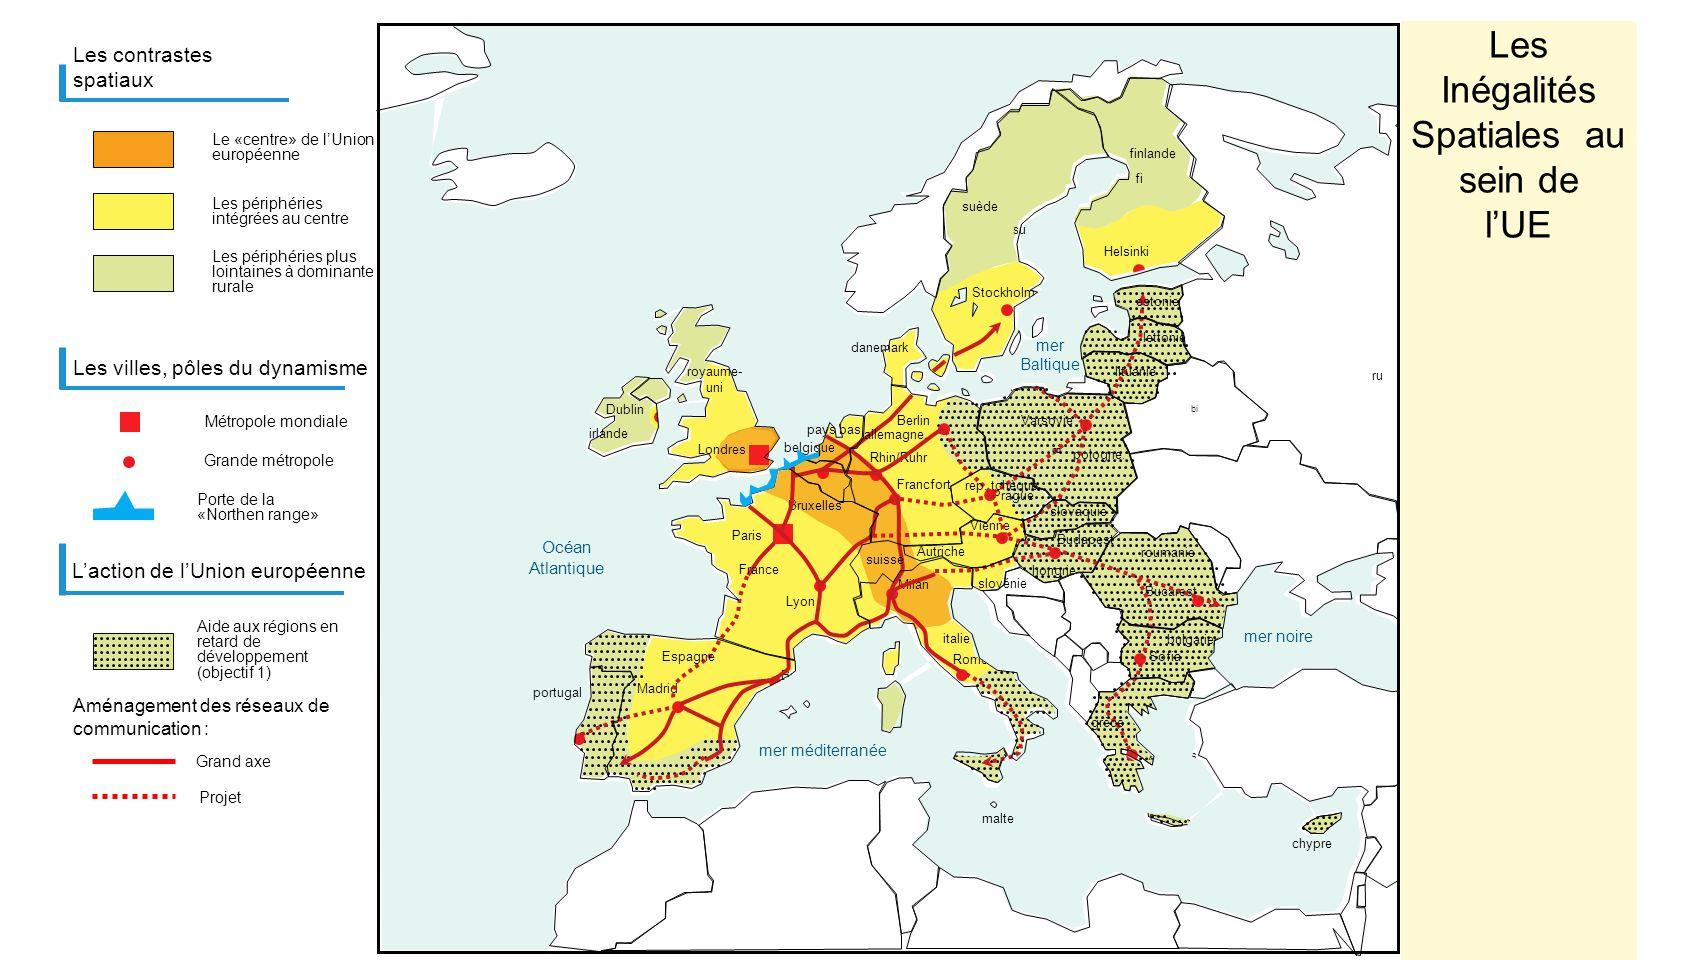 Les Inégalités Spatiales au sein de l'UE Les contrastes spatiaux